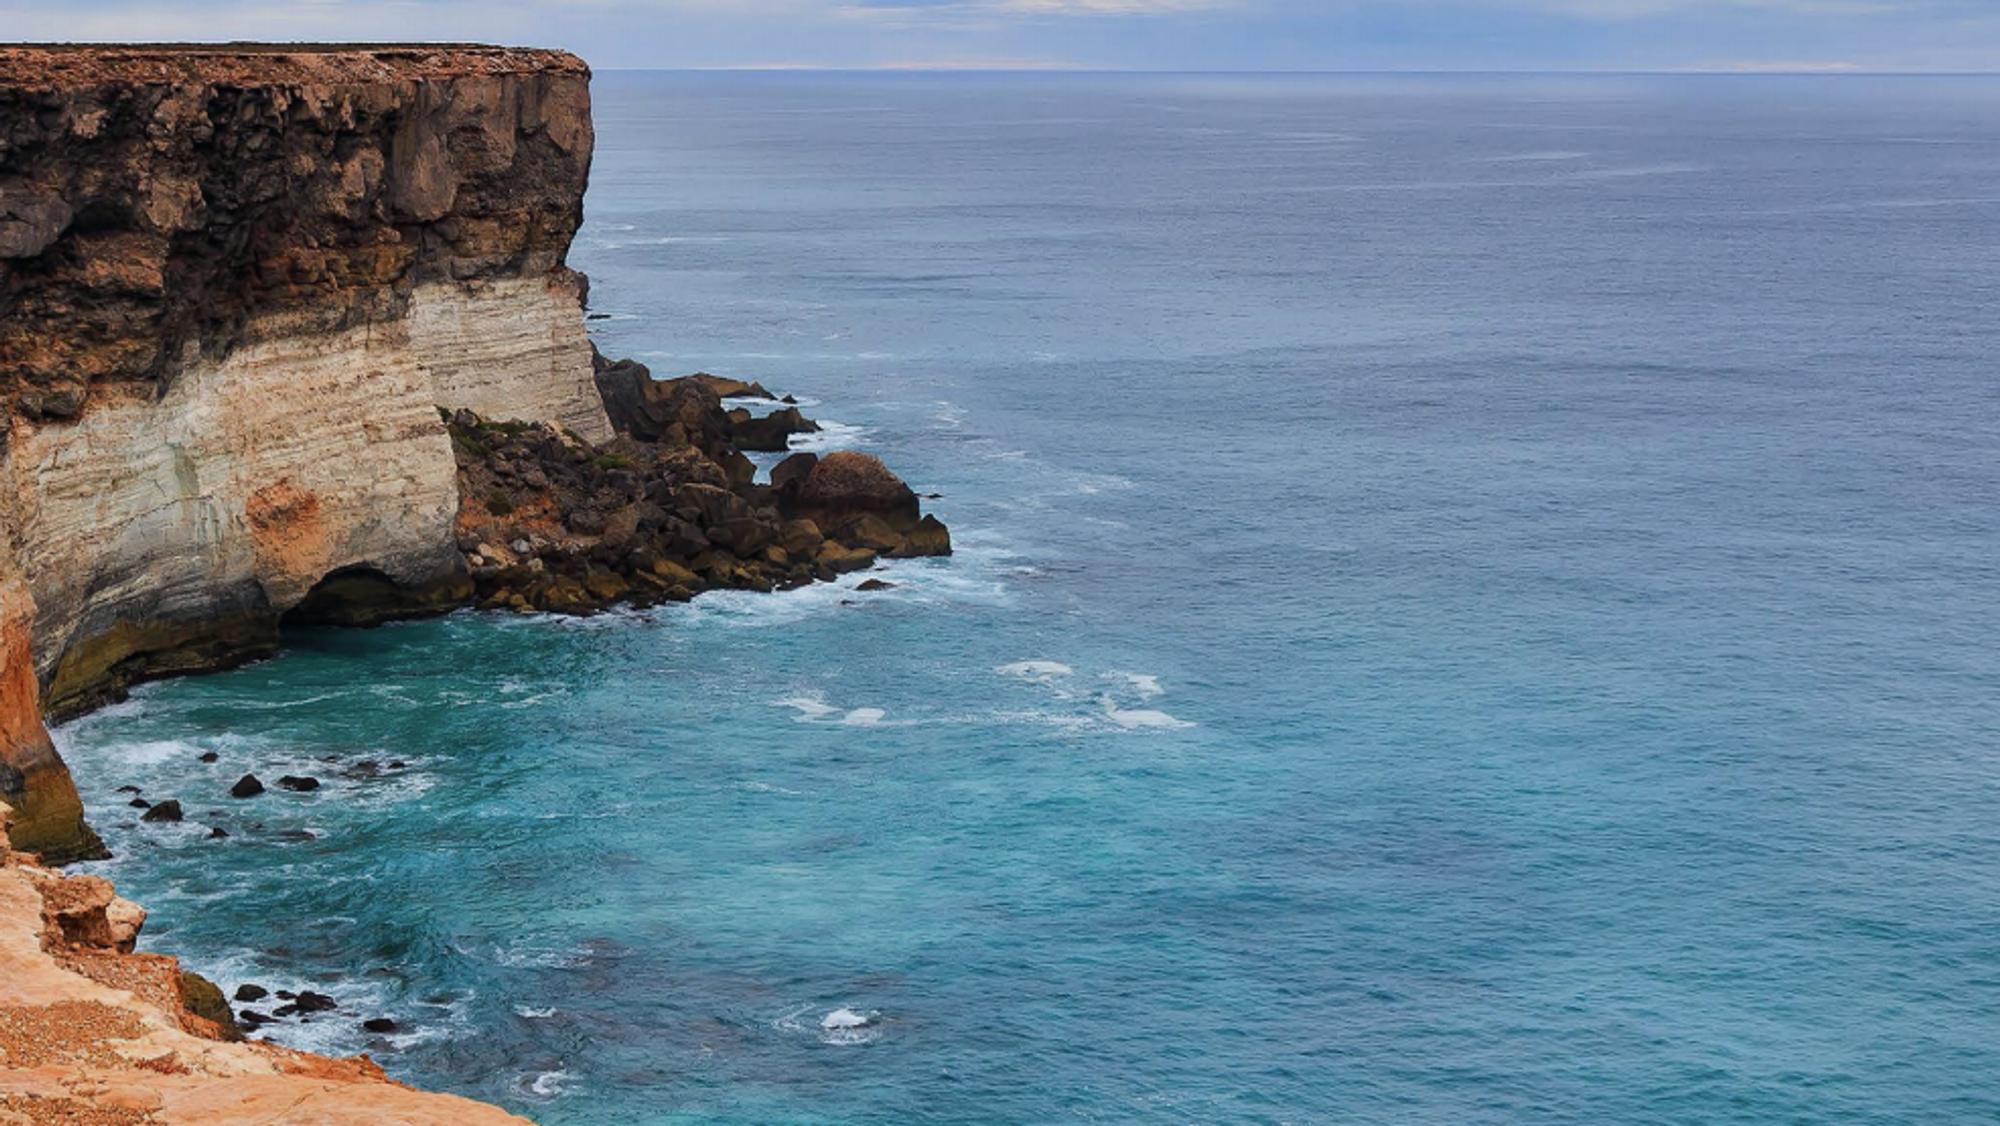 Den lokale motstanden mot Equinors oljeleting i Australbukta er stor, også etter at selskapet slapp sin mijøplan for prosjektet der de slår fast at sikker leting er mulig.